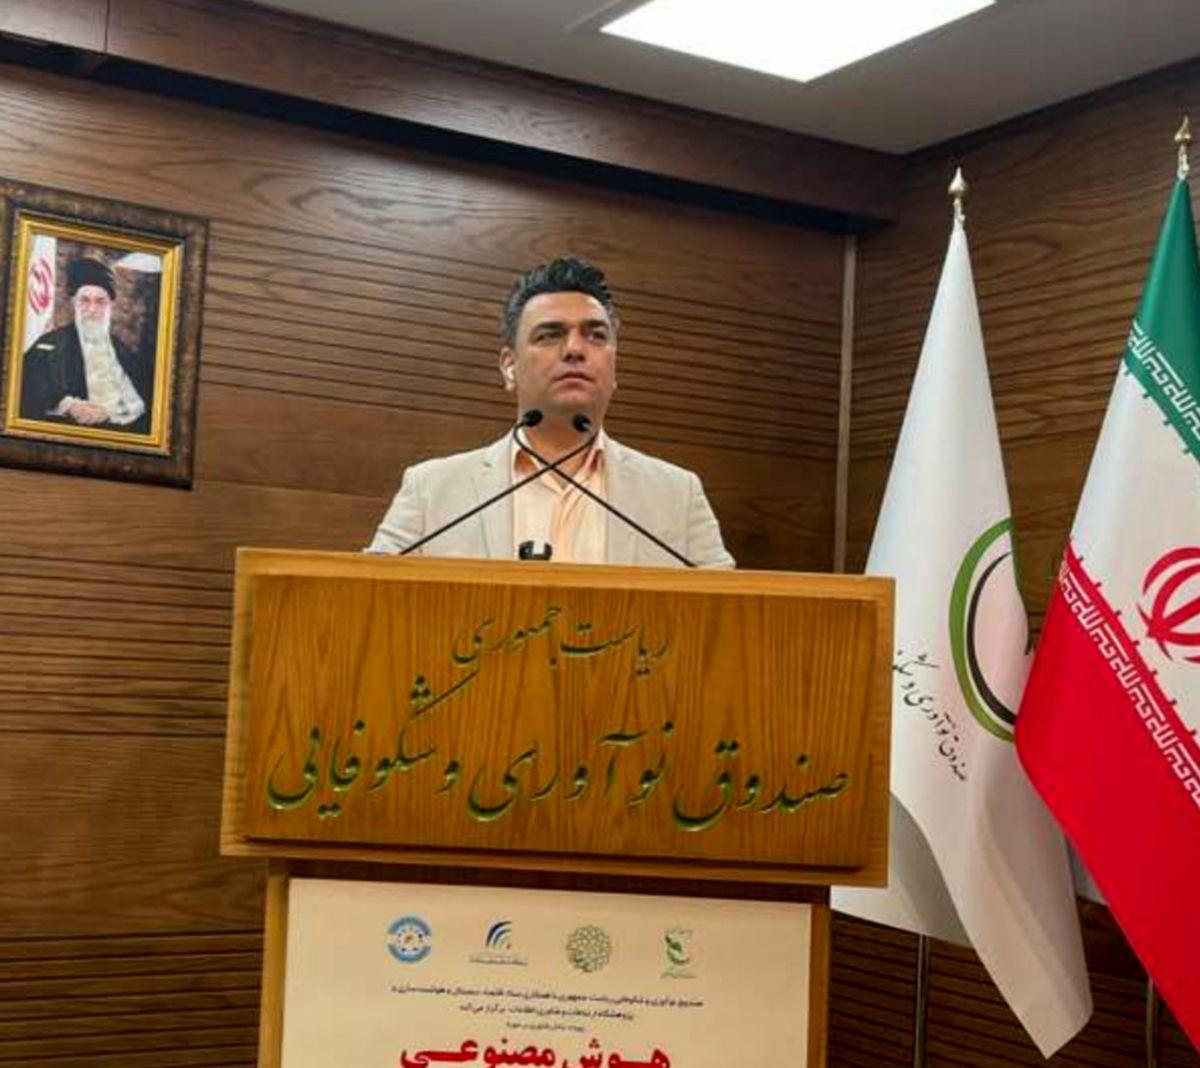 استفاده چهار درصد برق کشور در مزرعه رمز ارز غرب تهران اغراق است